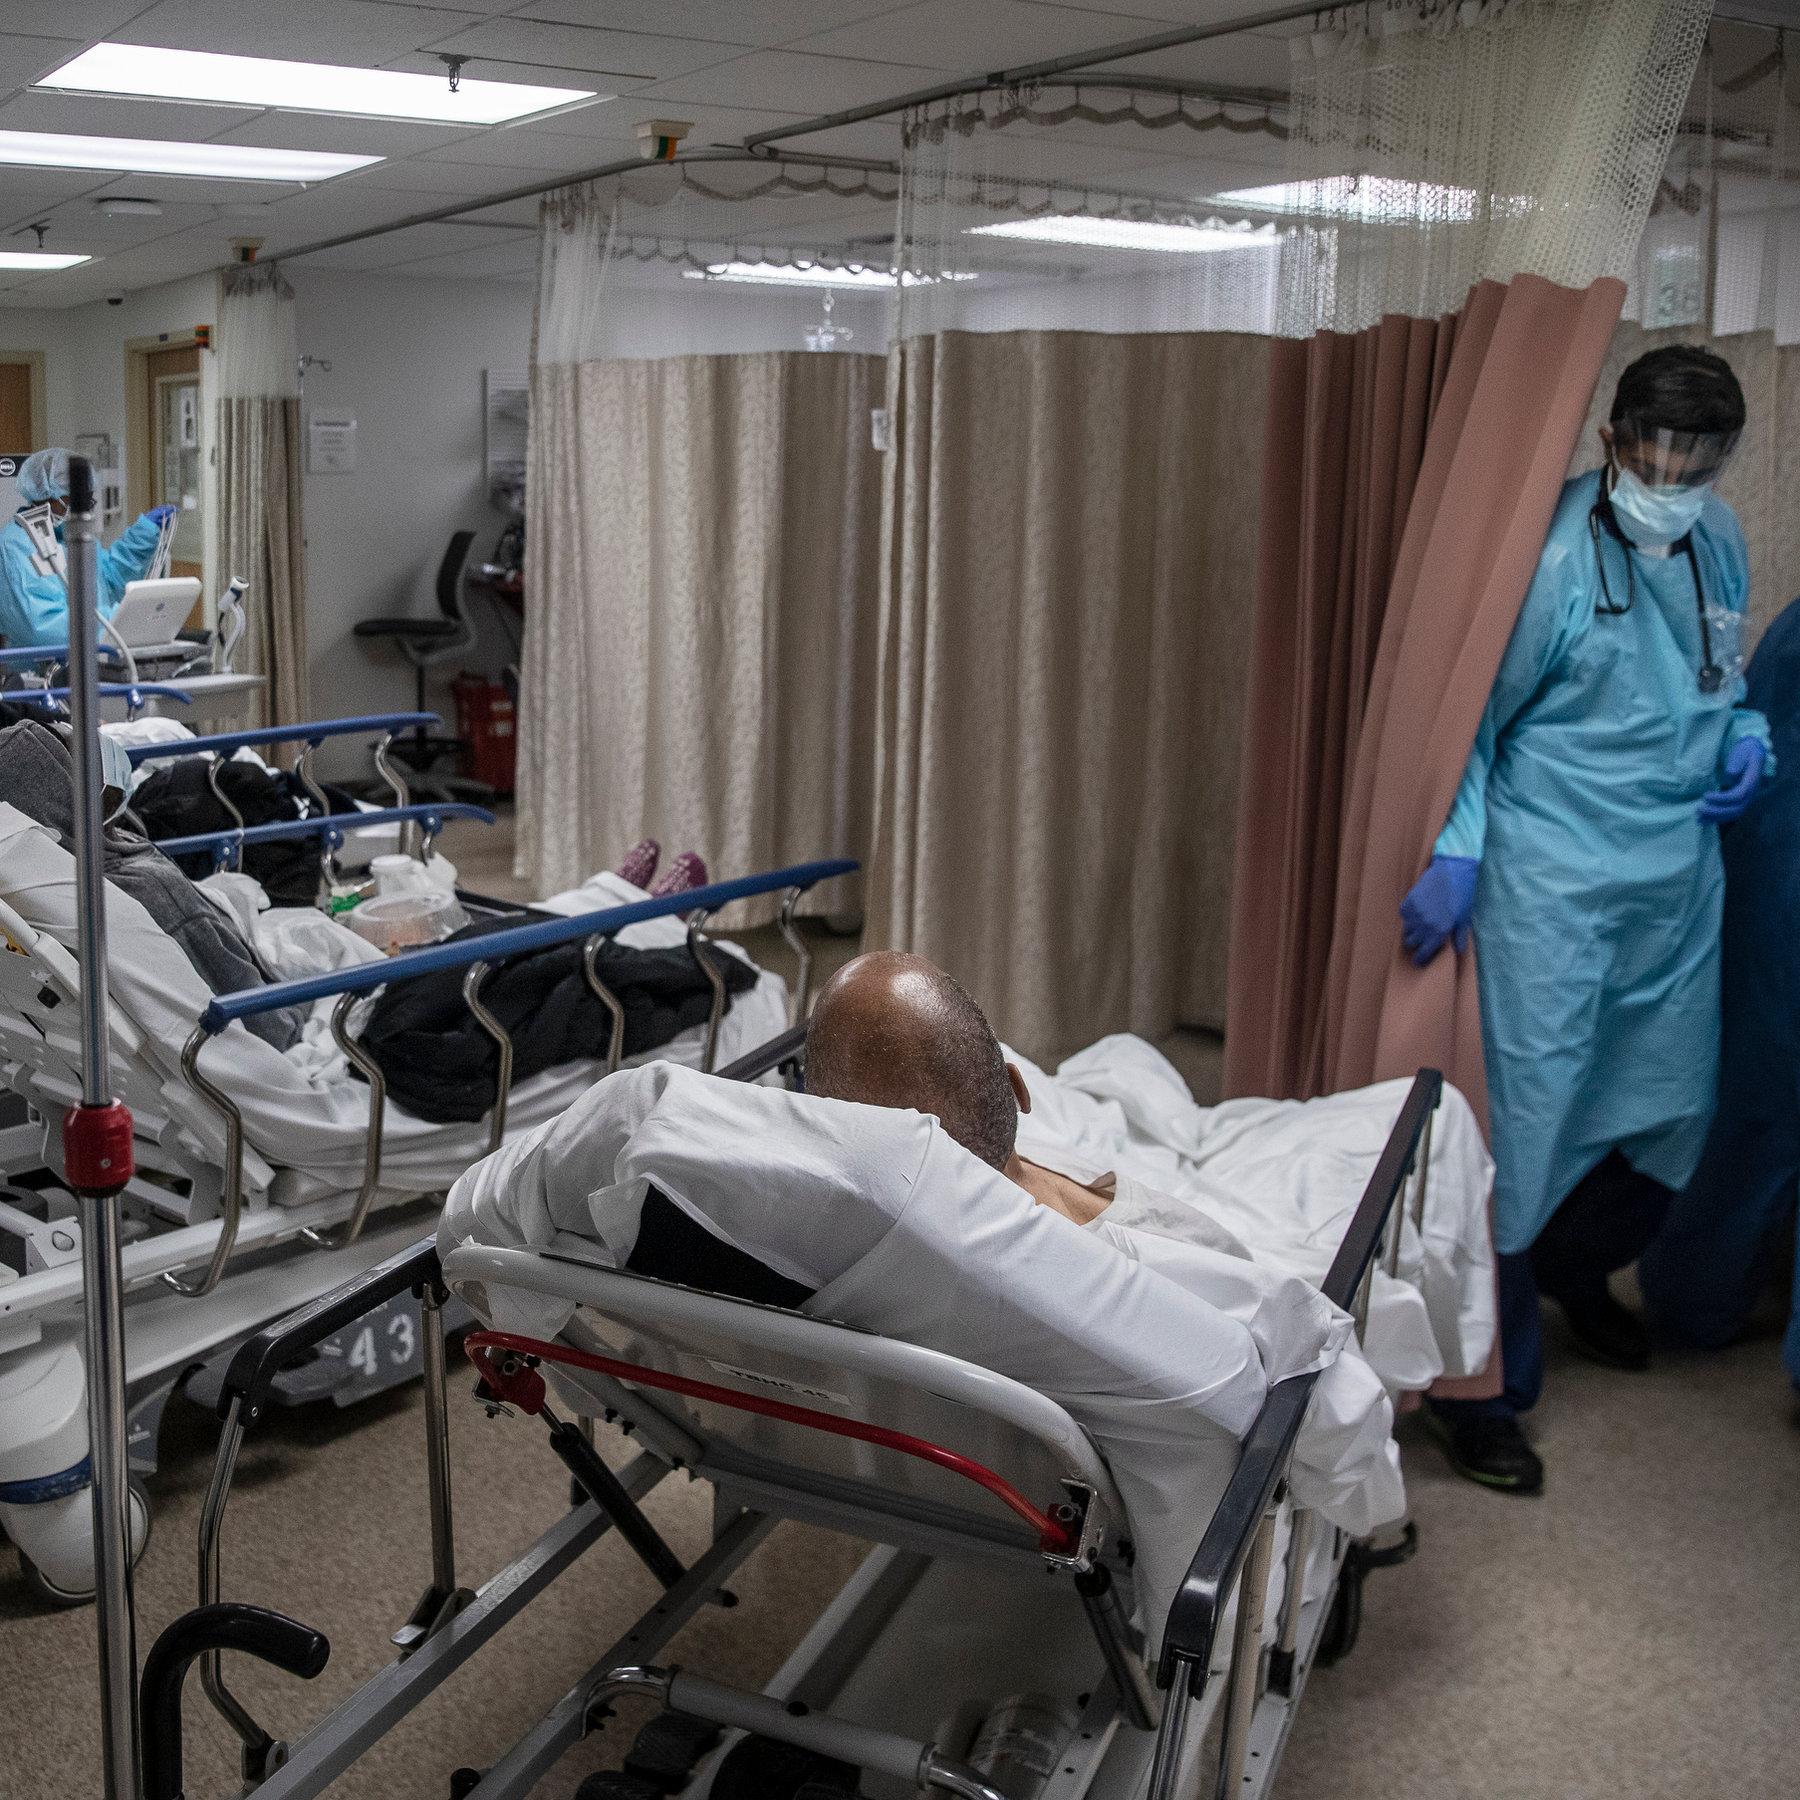 Điều đau lòng đang xảy ra trong bệnh viện ở tâm dịch Covid-19 New York - 1